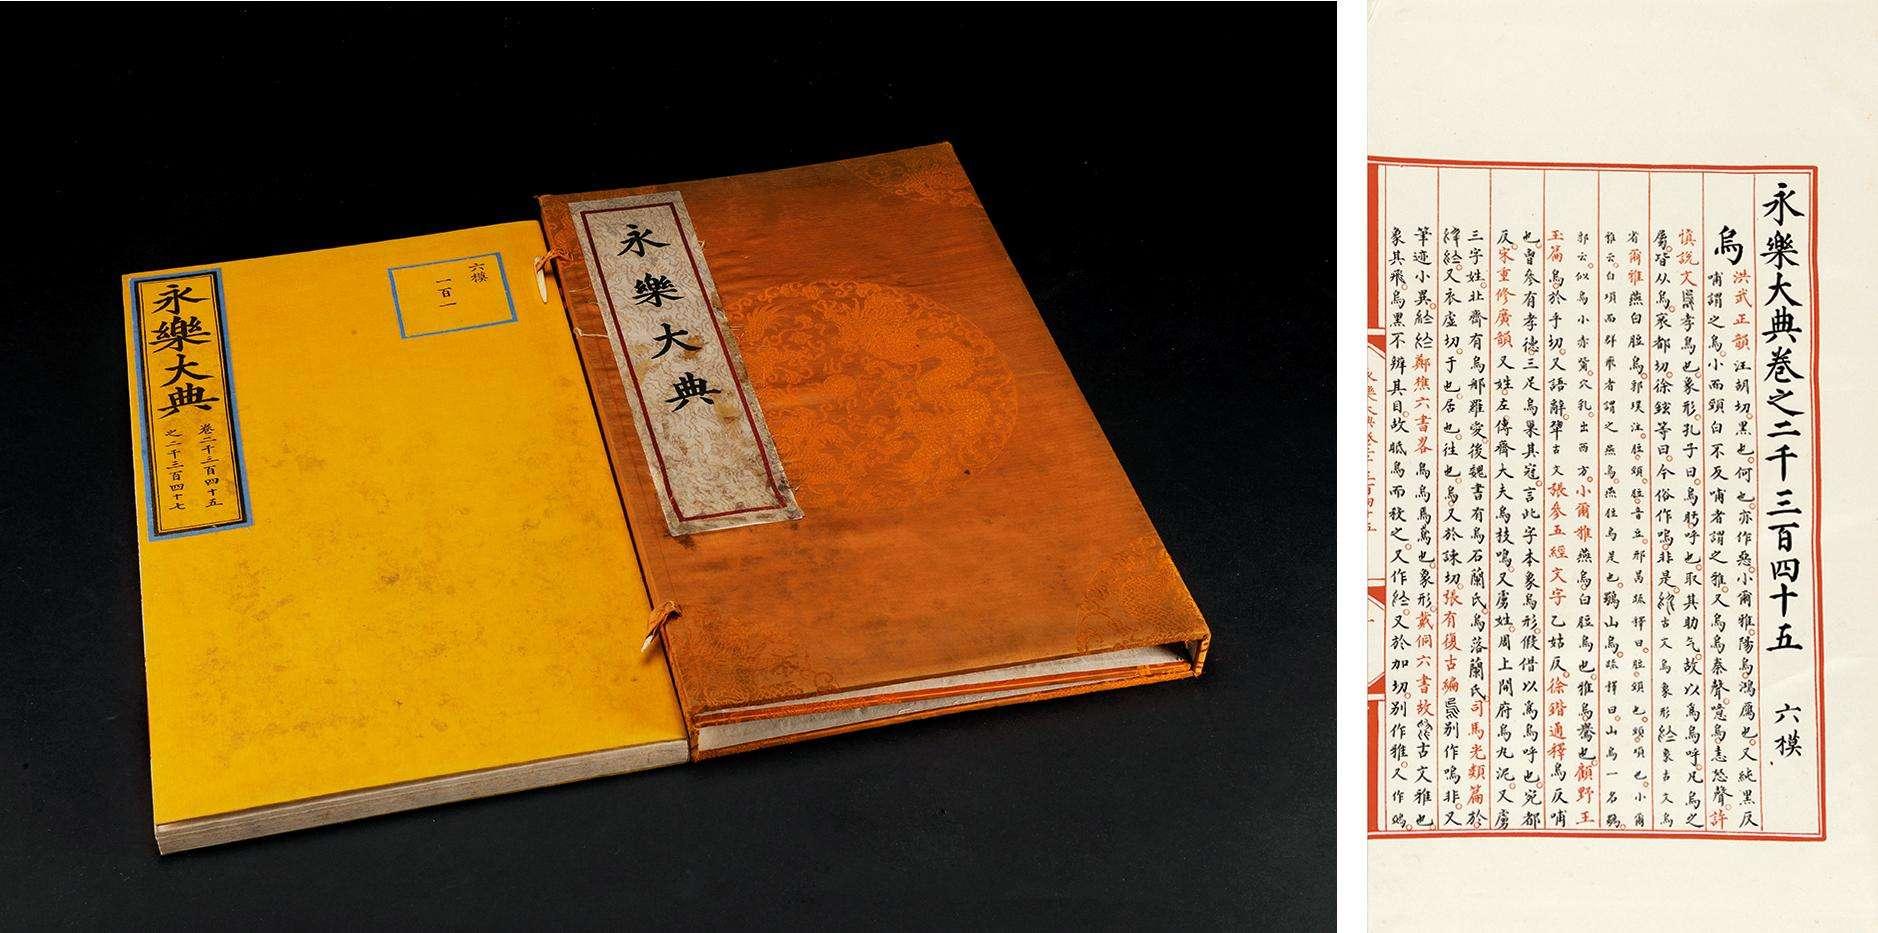 中国历史上已失传(或部分失传)的十大奇书经典